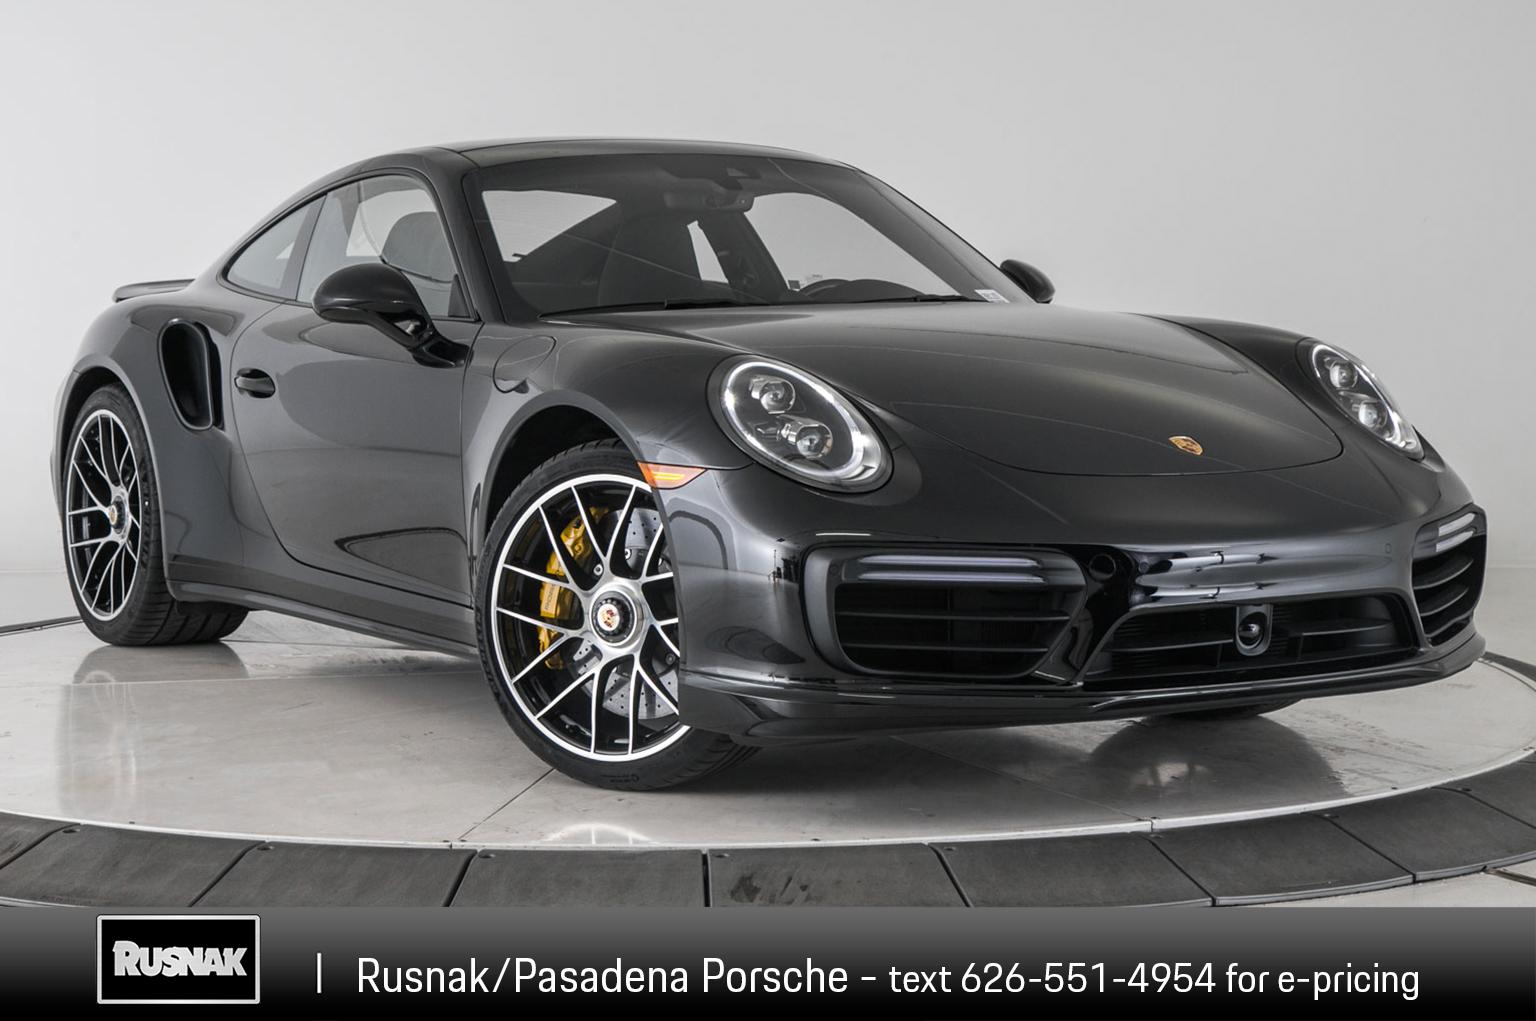 New 2019 Porsche 911 Turbo S